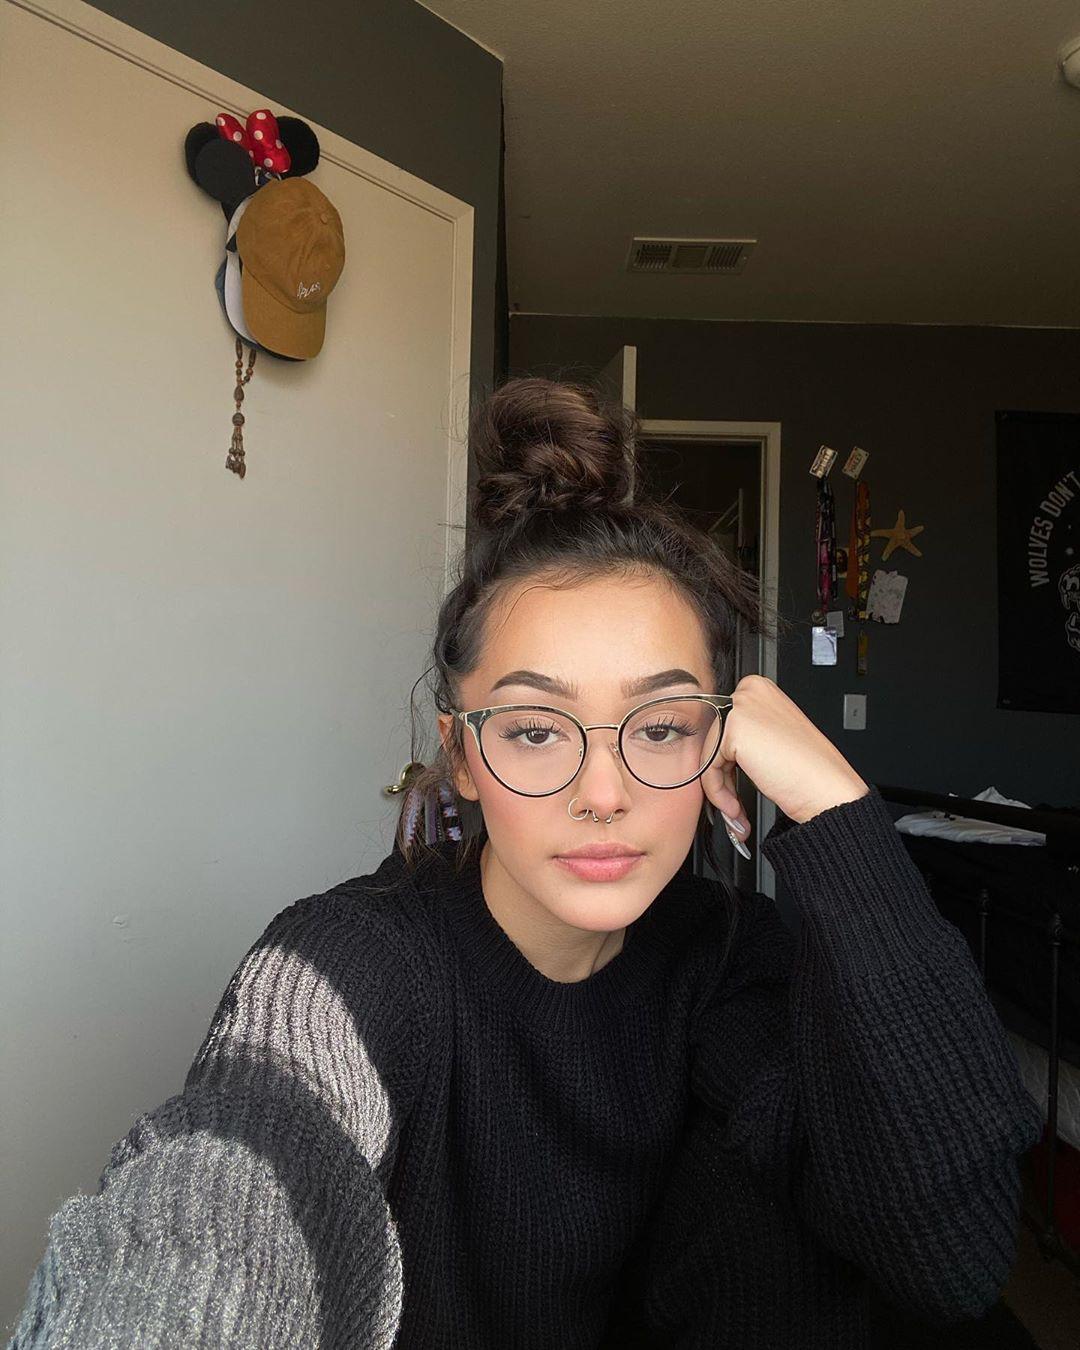 Hailey Orona enjoyment pic, Hair Style, cute Haircuts